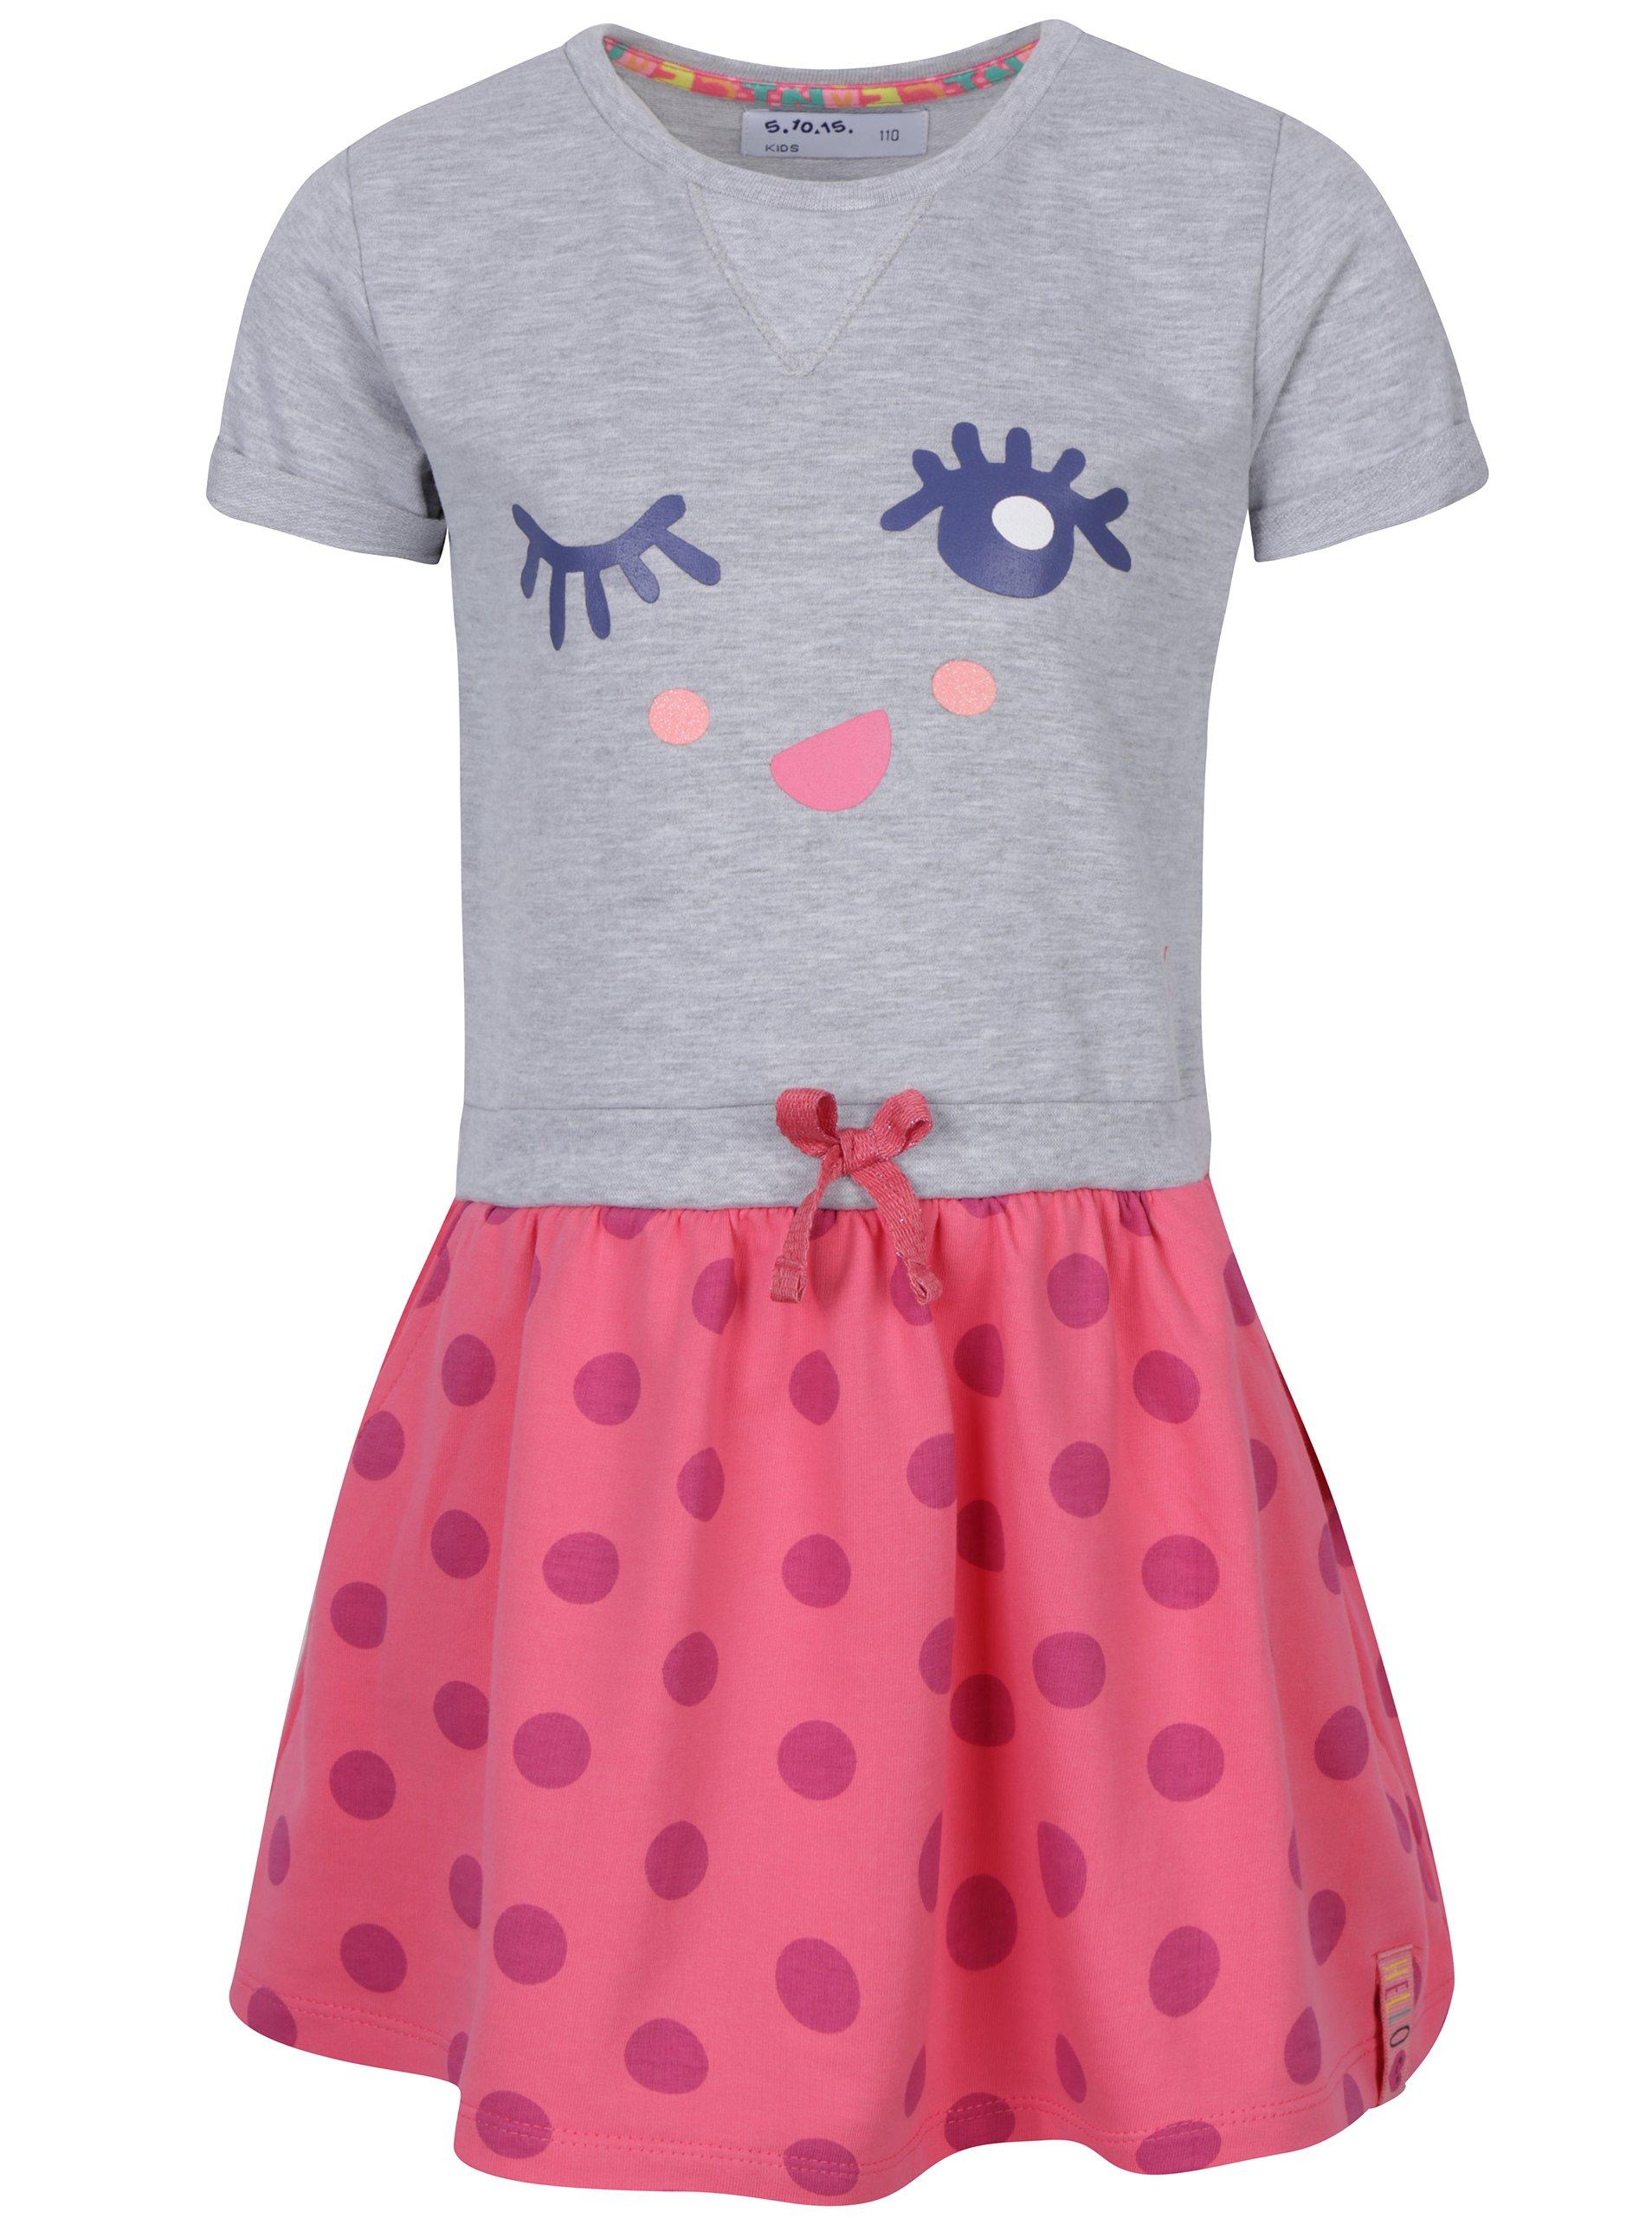 Růžovo-šedé holčičí šaty s potiskem 5.10.15.